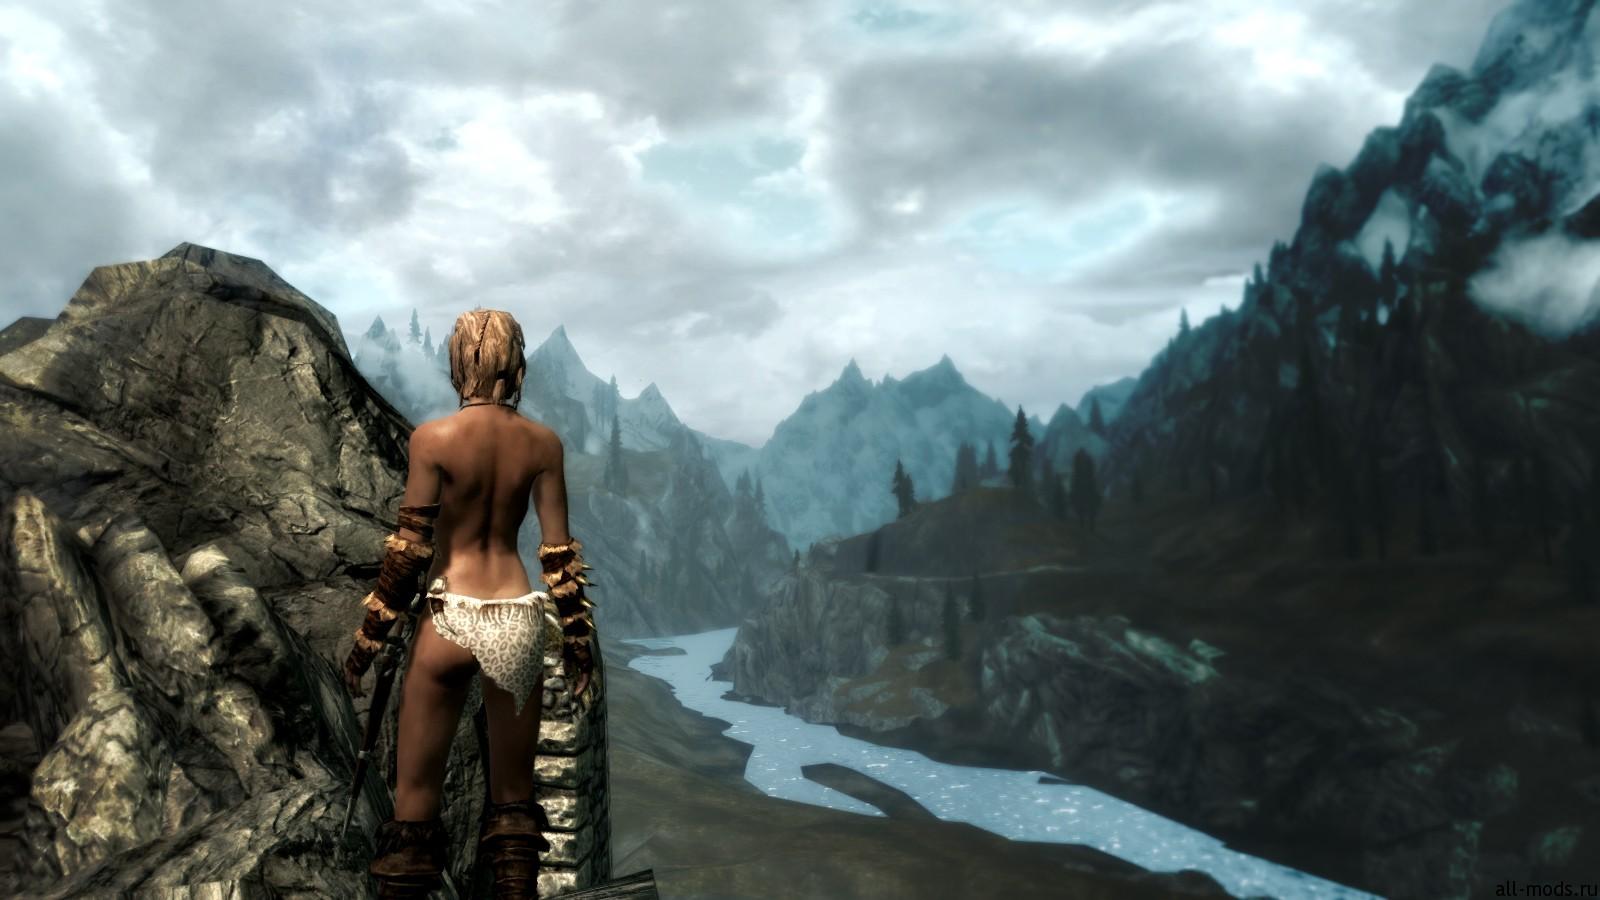 Skyrim мод сексульная броня